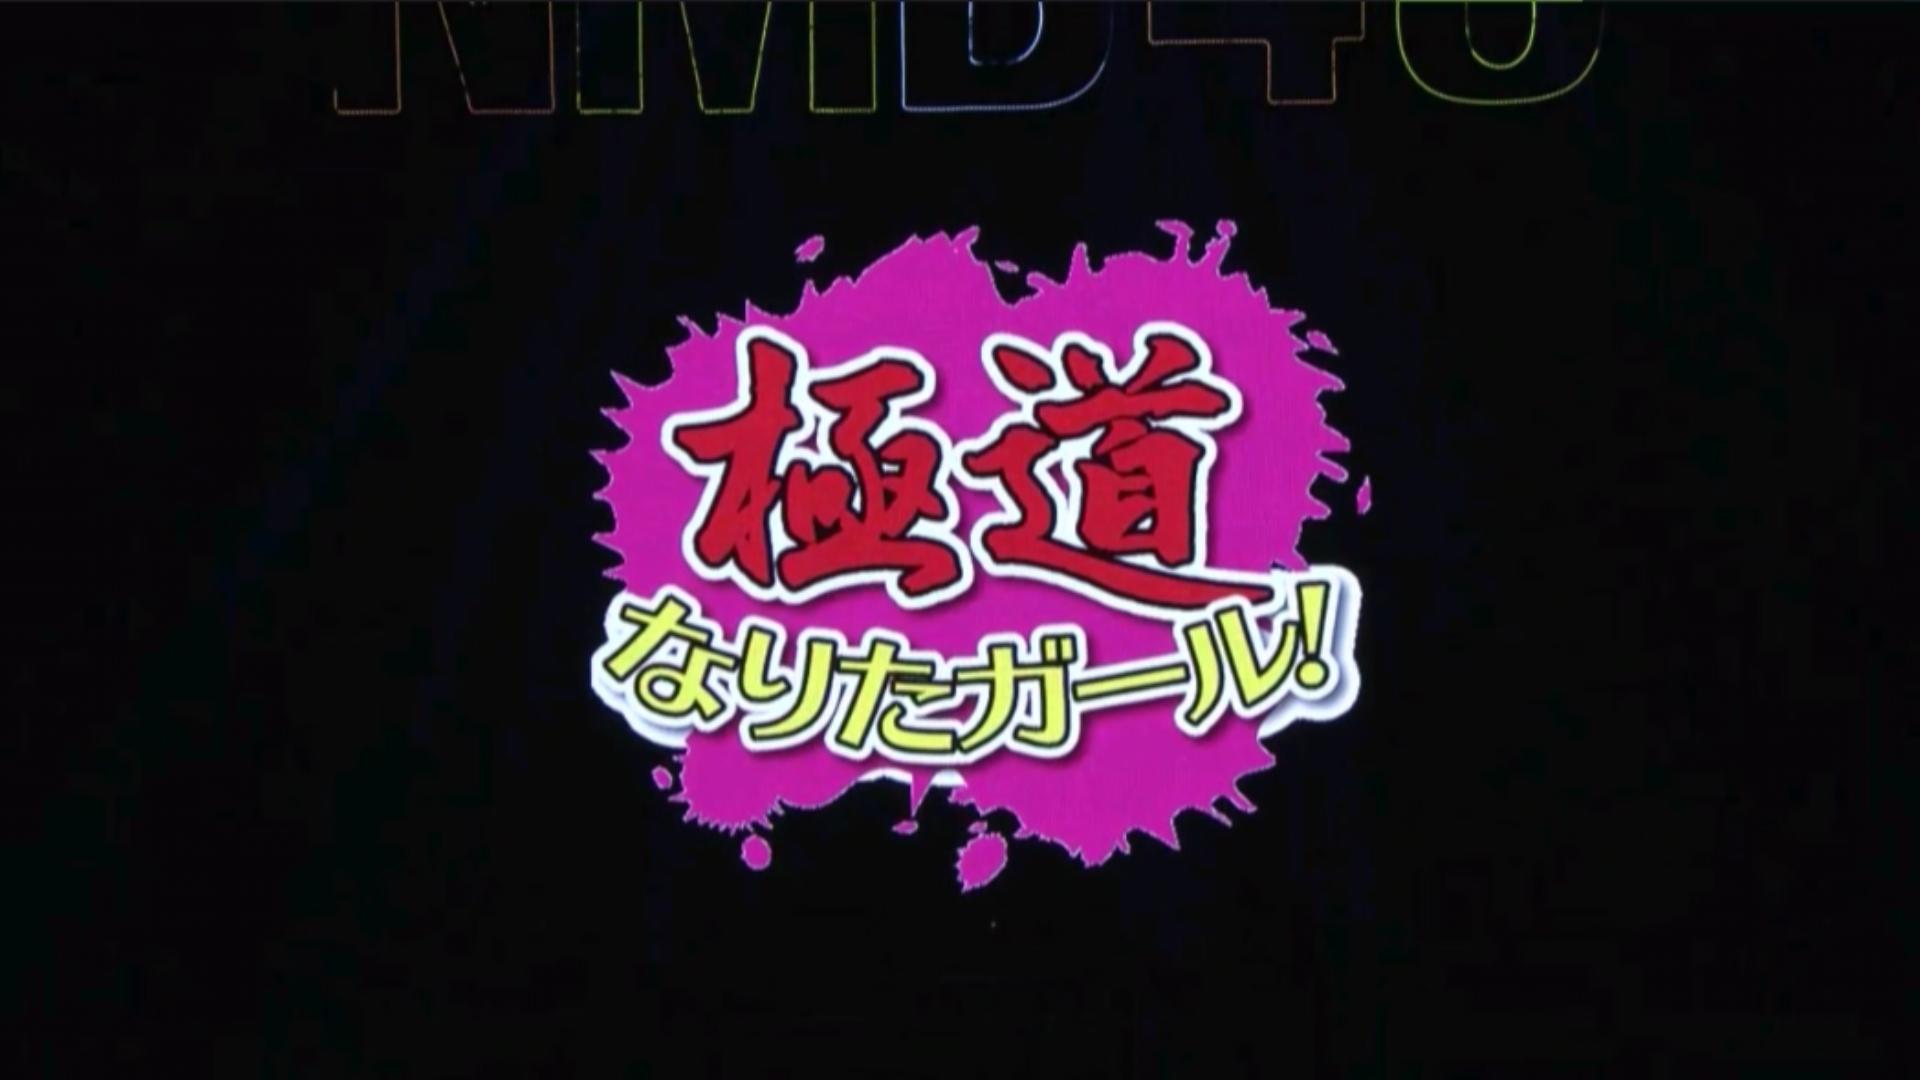 極道なりたガール・可憐flowerの「第2話」が10月に配信-018